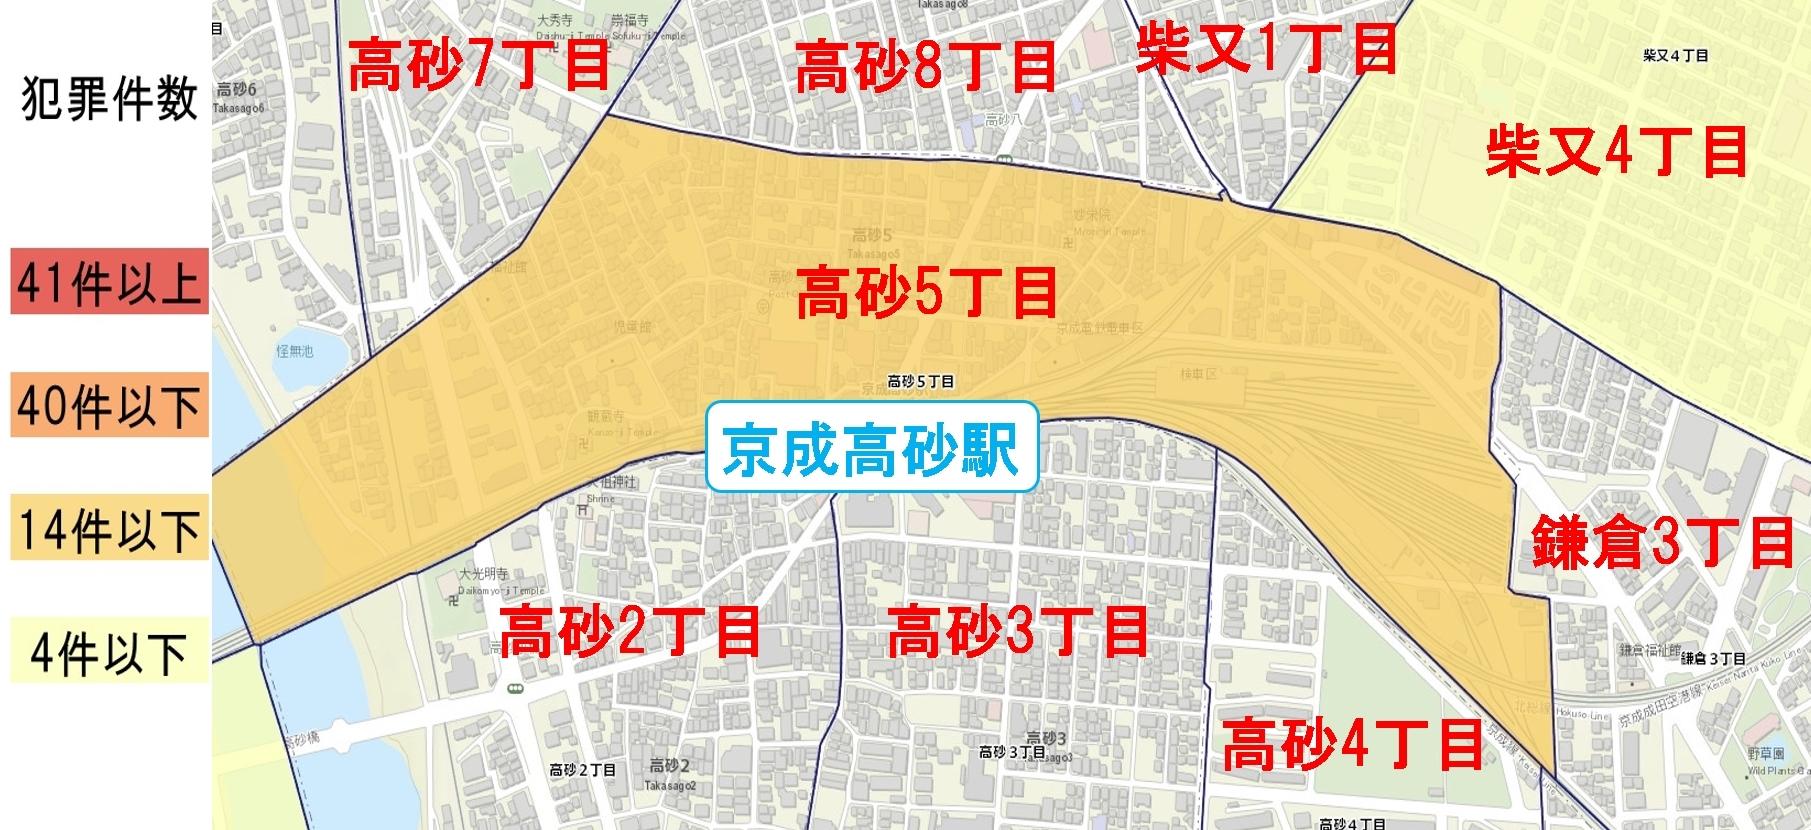 京成高砂駅周辺の粗暴犯の犯罪件数マップ